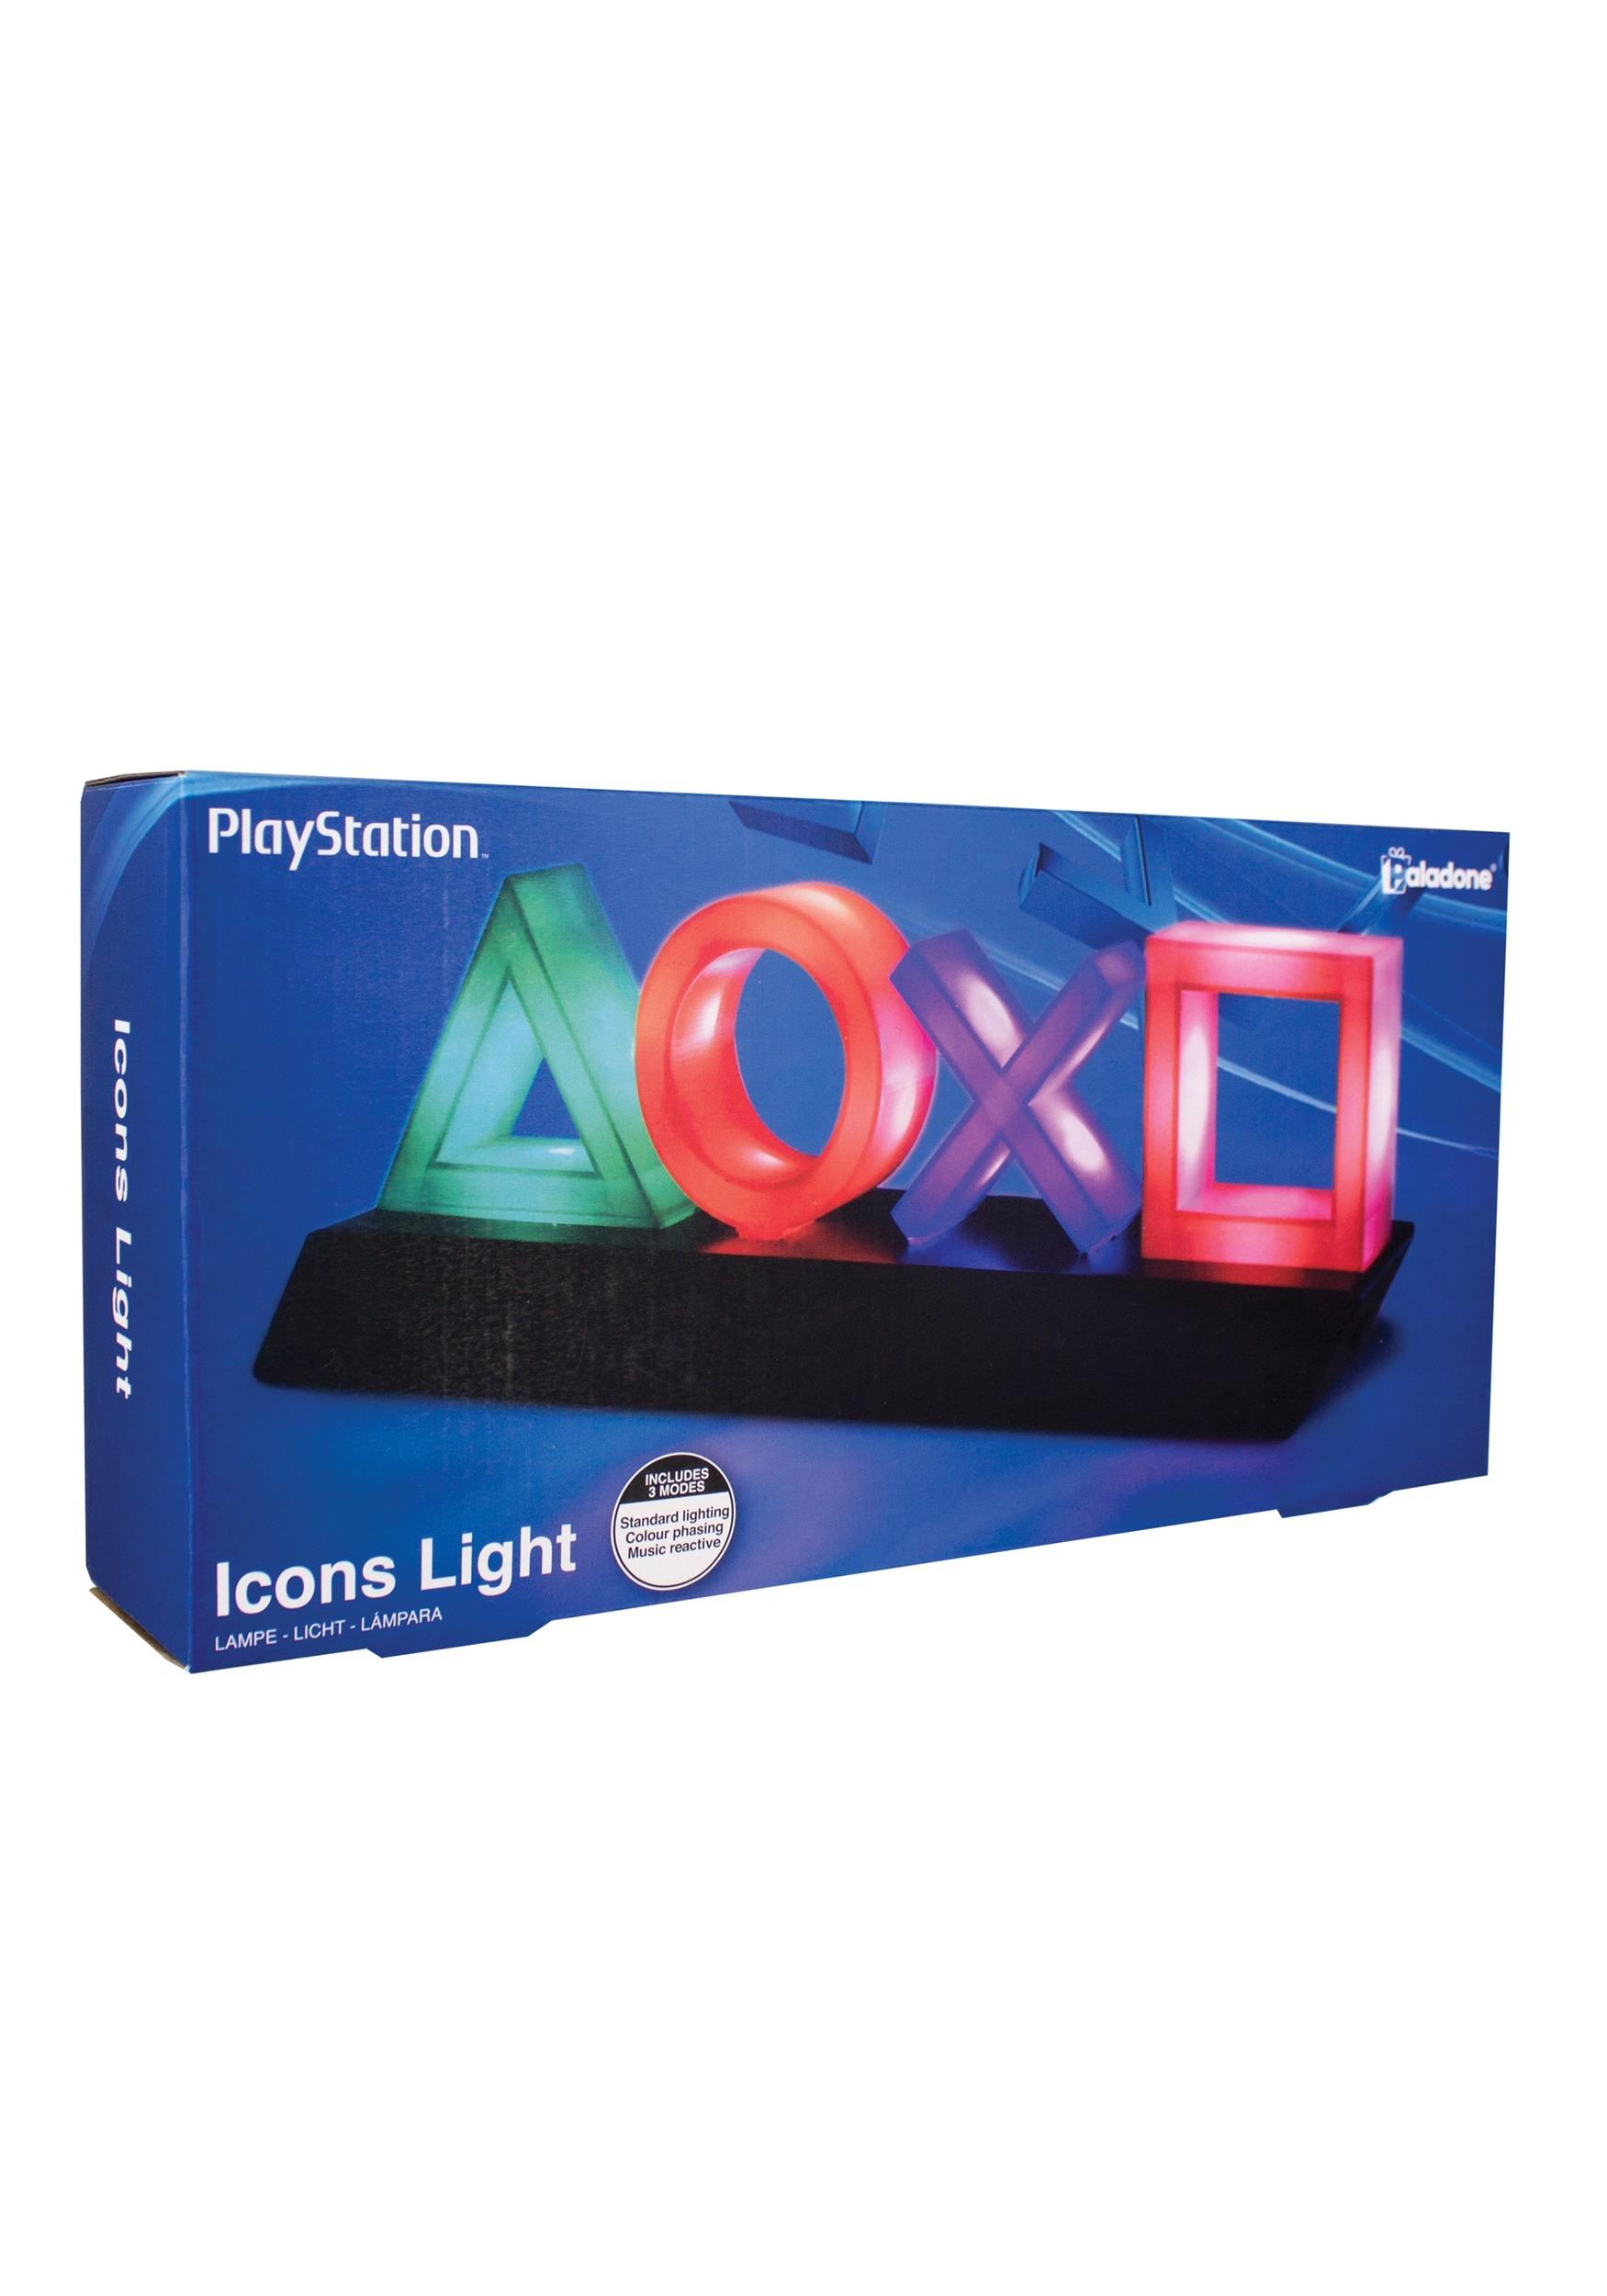 замена композитный rca аудио видео av кабель для sony playstation 2 ps2 playstation 3 ps3